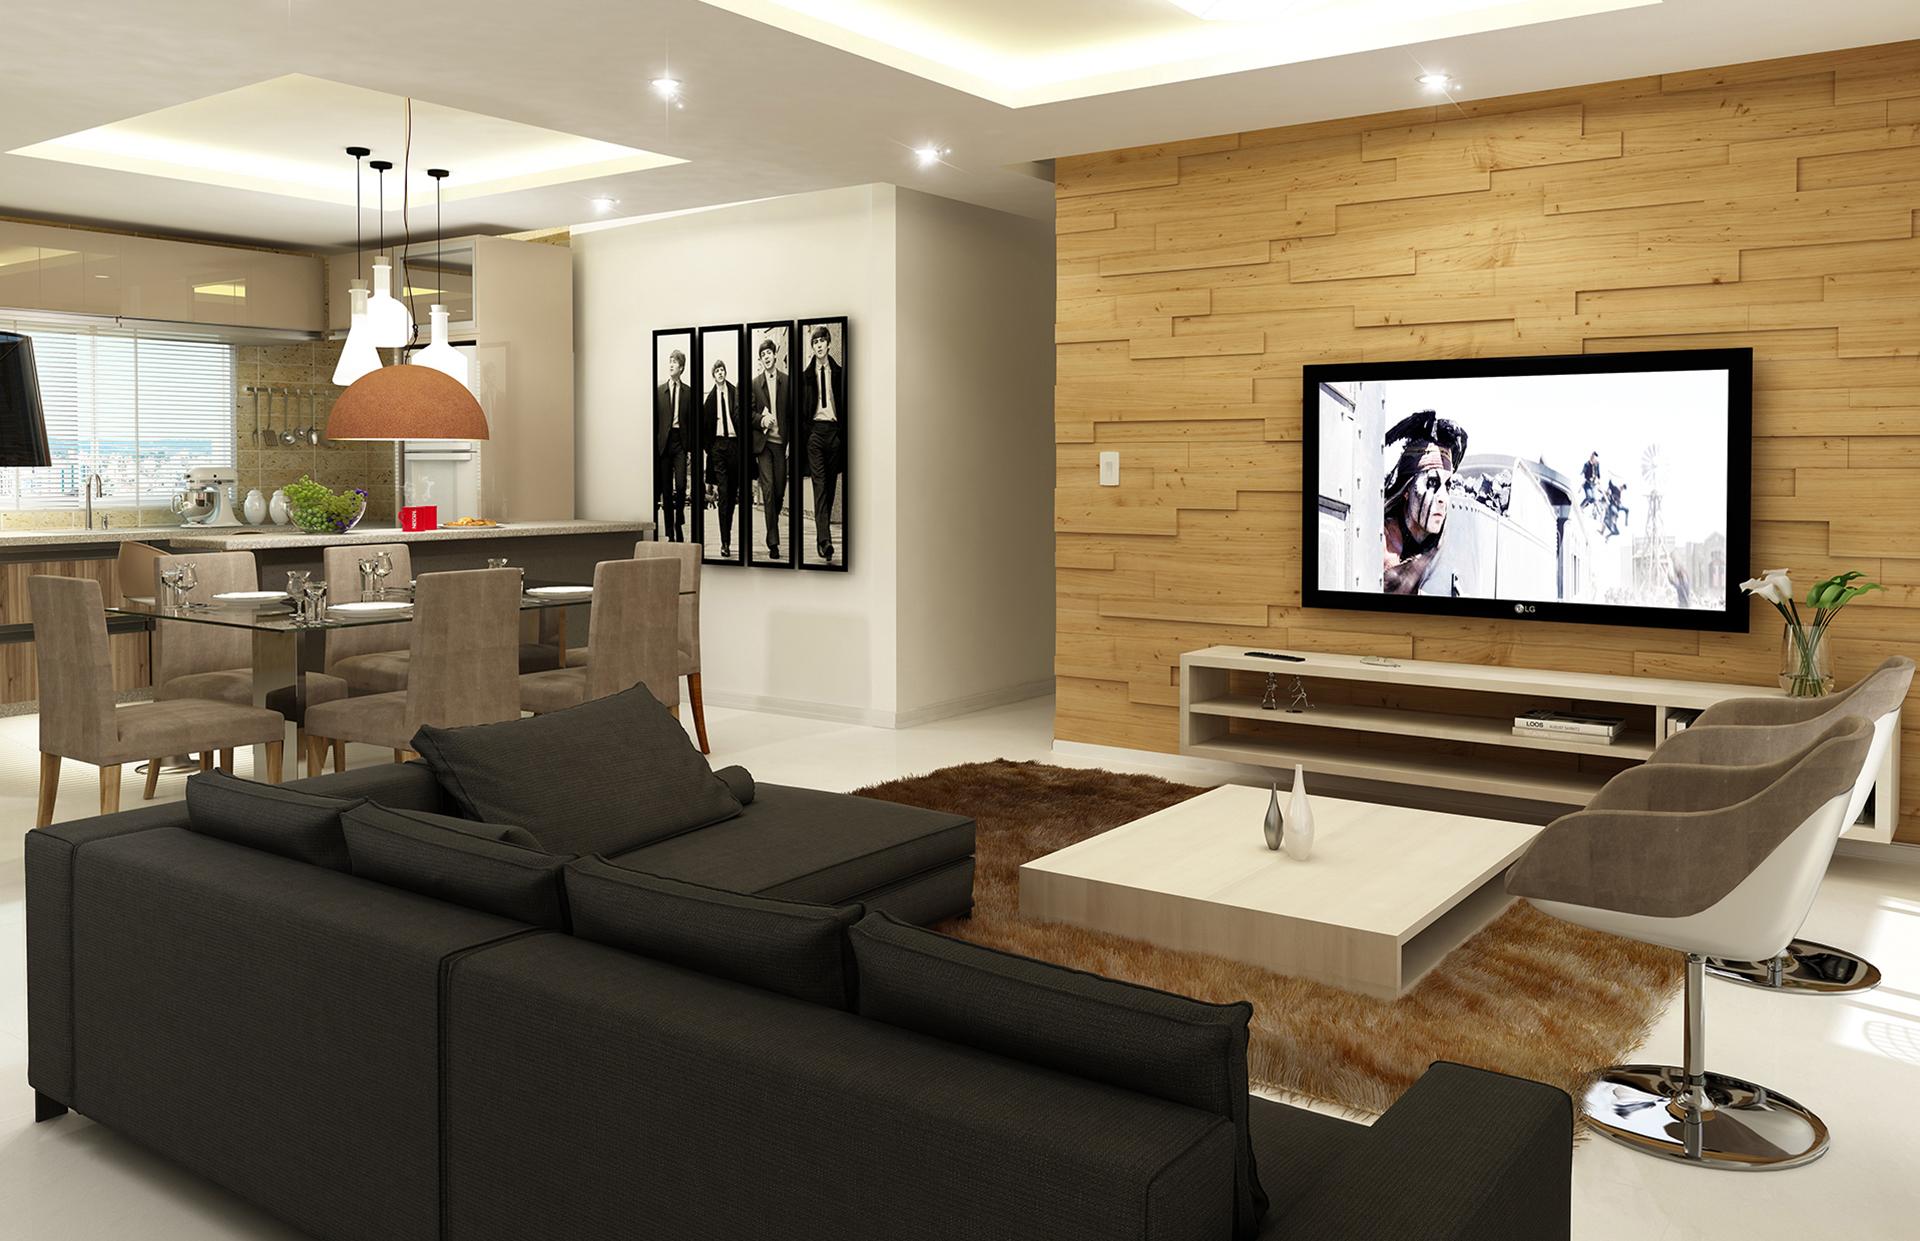 Cozinha americana pequena fotos e modelos incr veis for Modelos de espejos para salas modernas